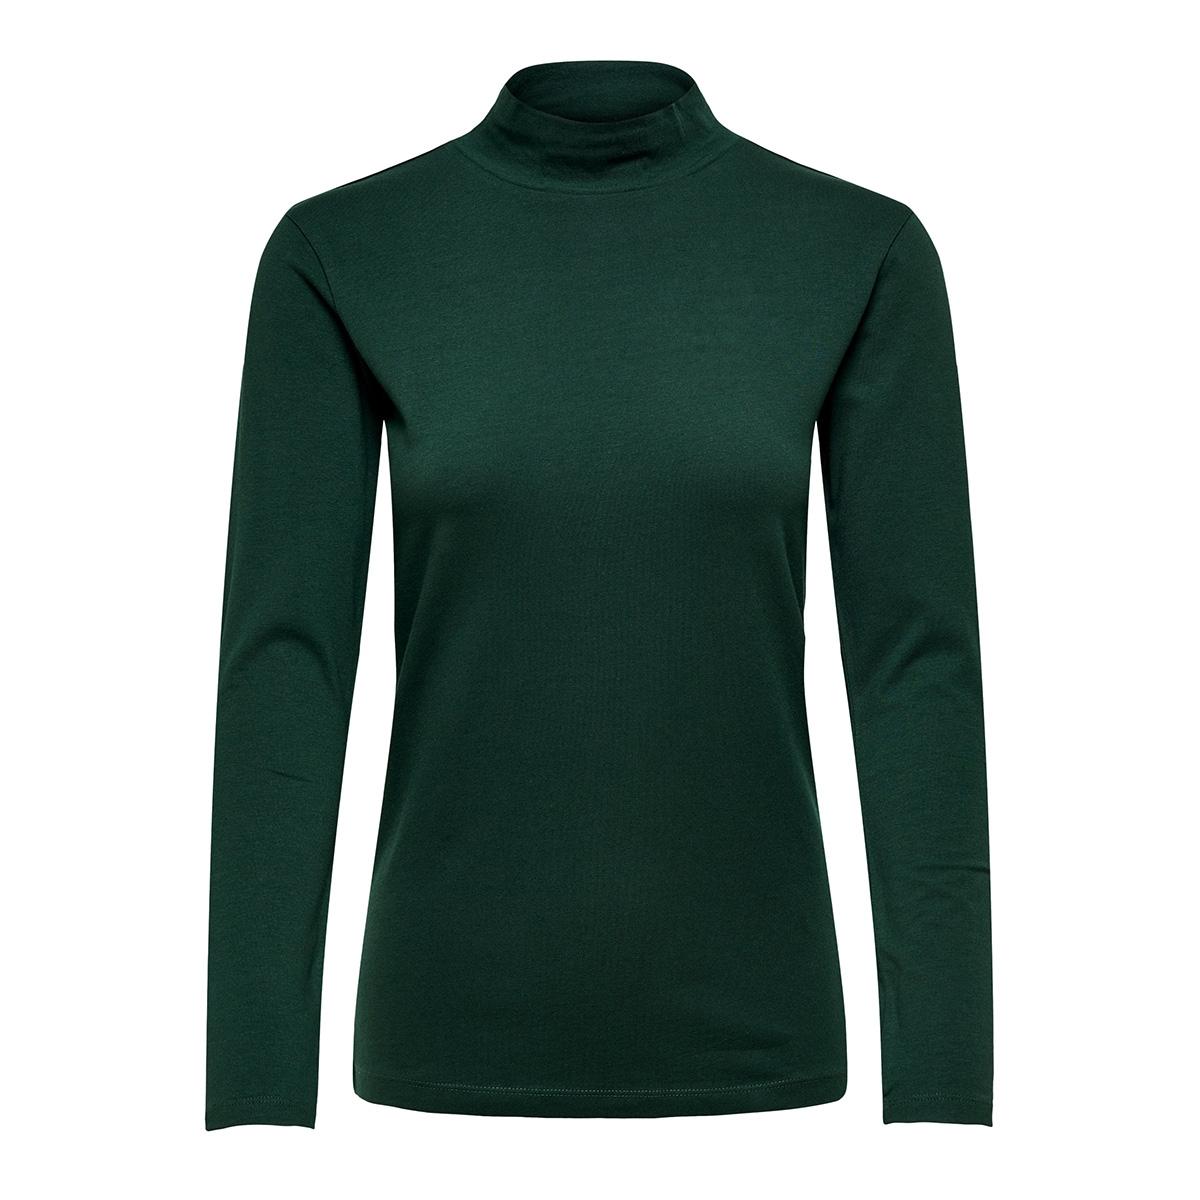 jdyava l/s turtleneck top jrs noos 15165633 jacqueline de yong t-shirt scarab